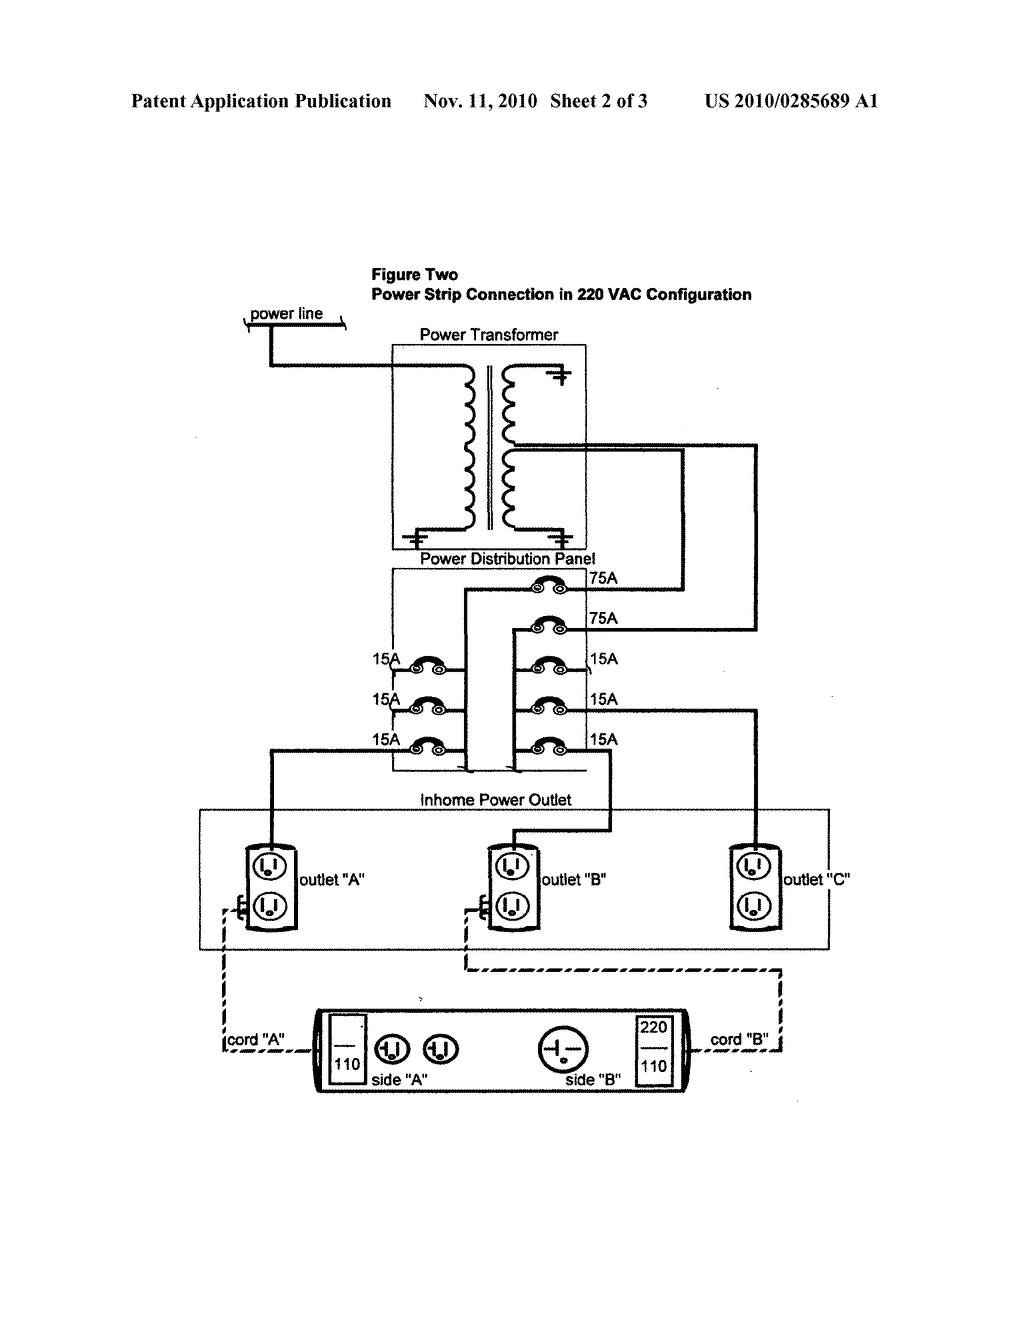 power strip schematic wiring diagrams favorites power strip schematic wiring diagrams power strip circuit power strip schematic